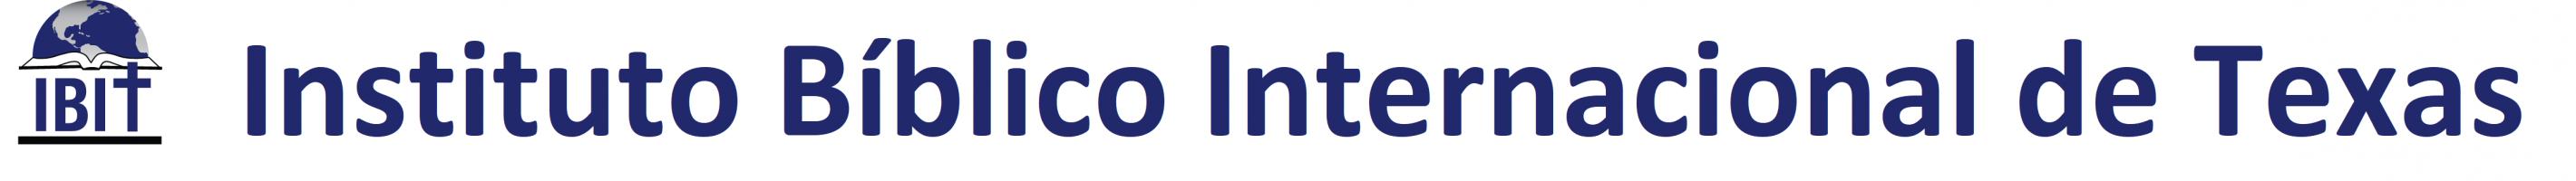 IBIT en línea - Cursos Bíblicos